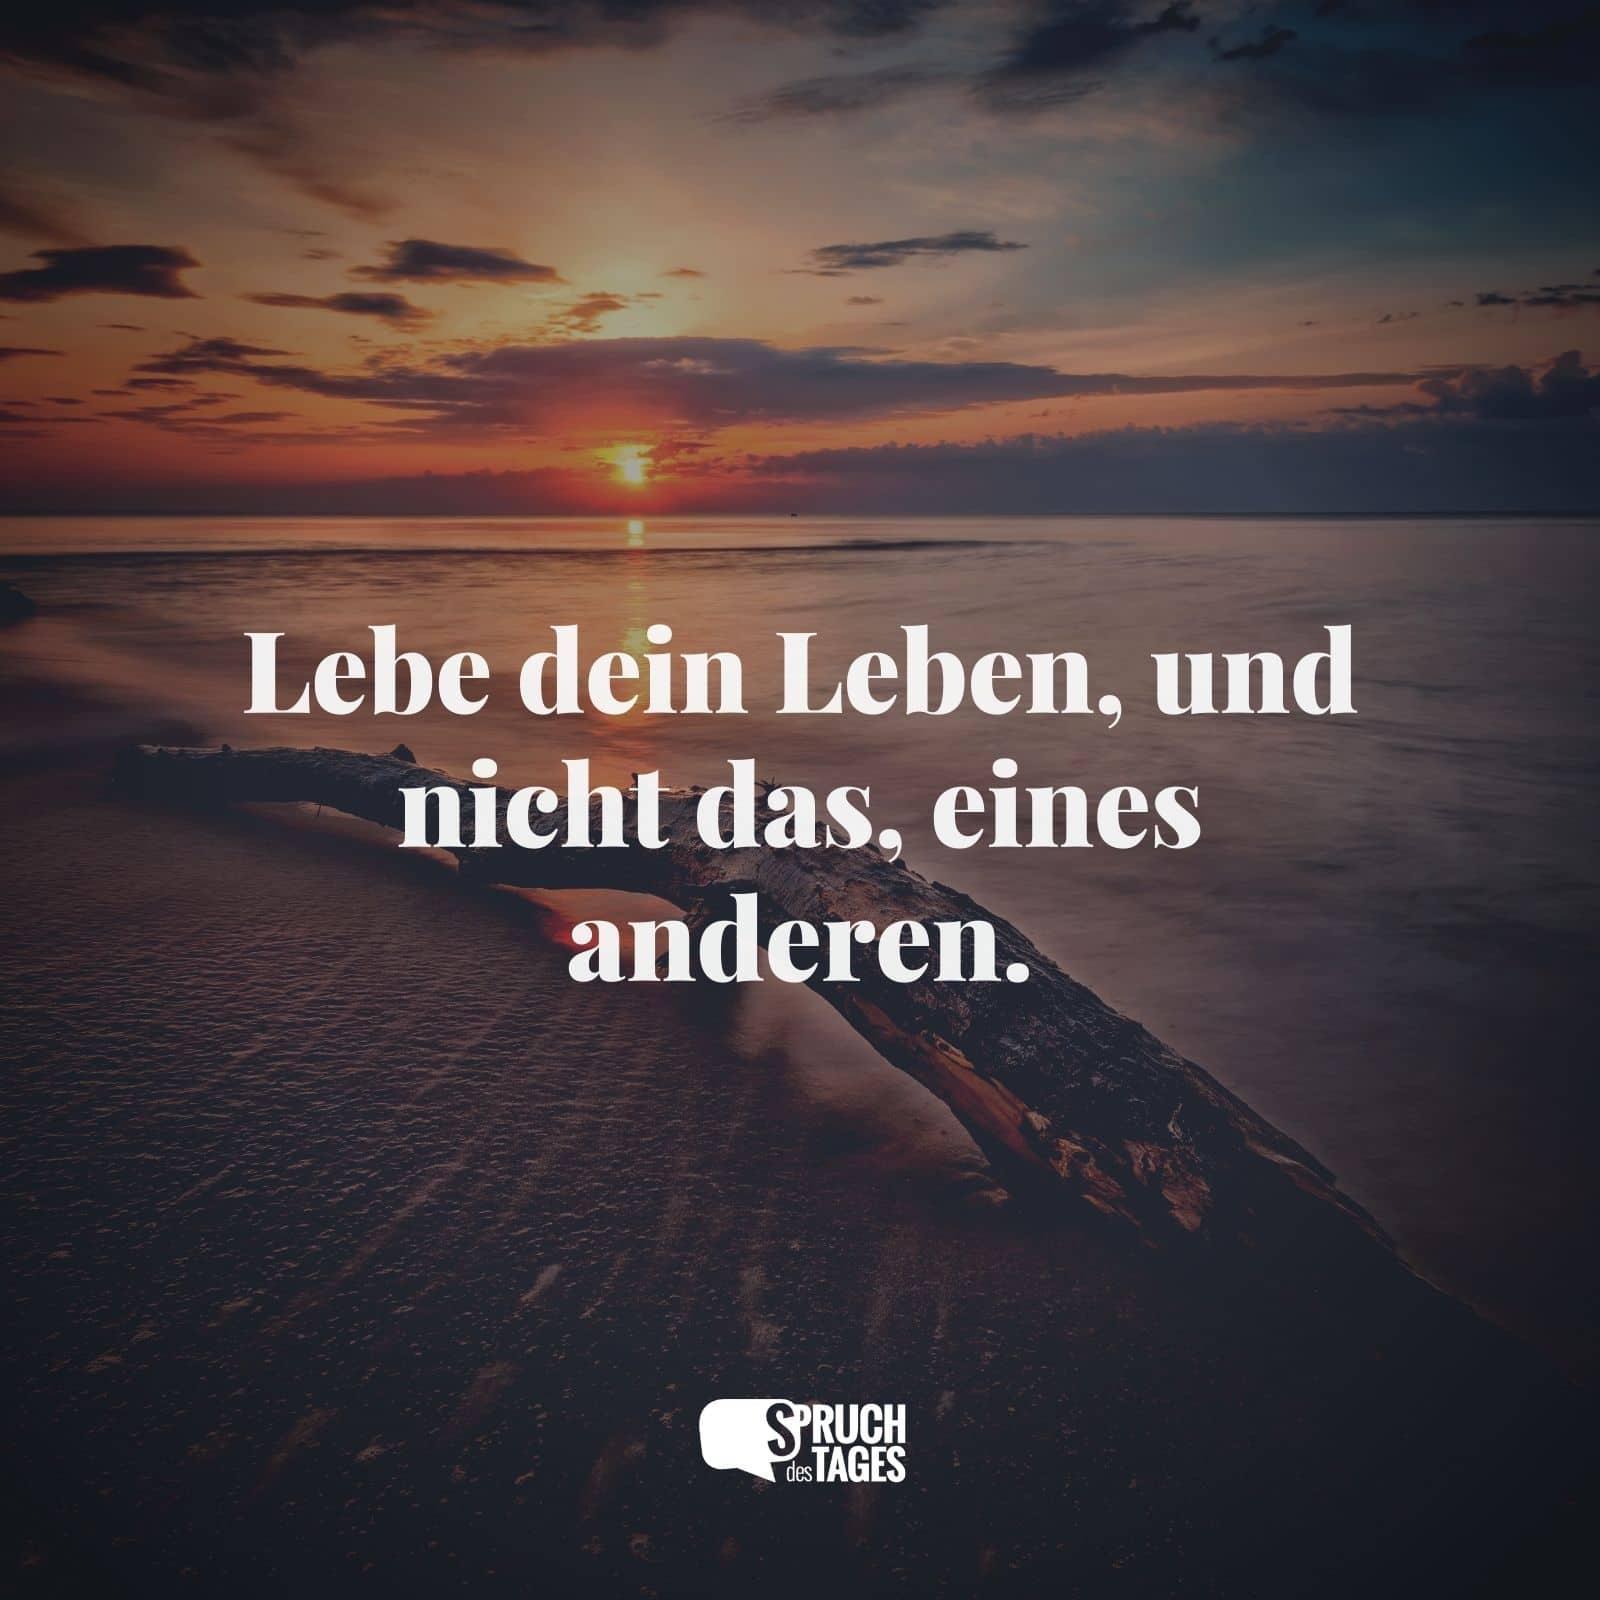 Lebe Dein Leben Lustige Bilder Sprüche Leben 2019 10 20